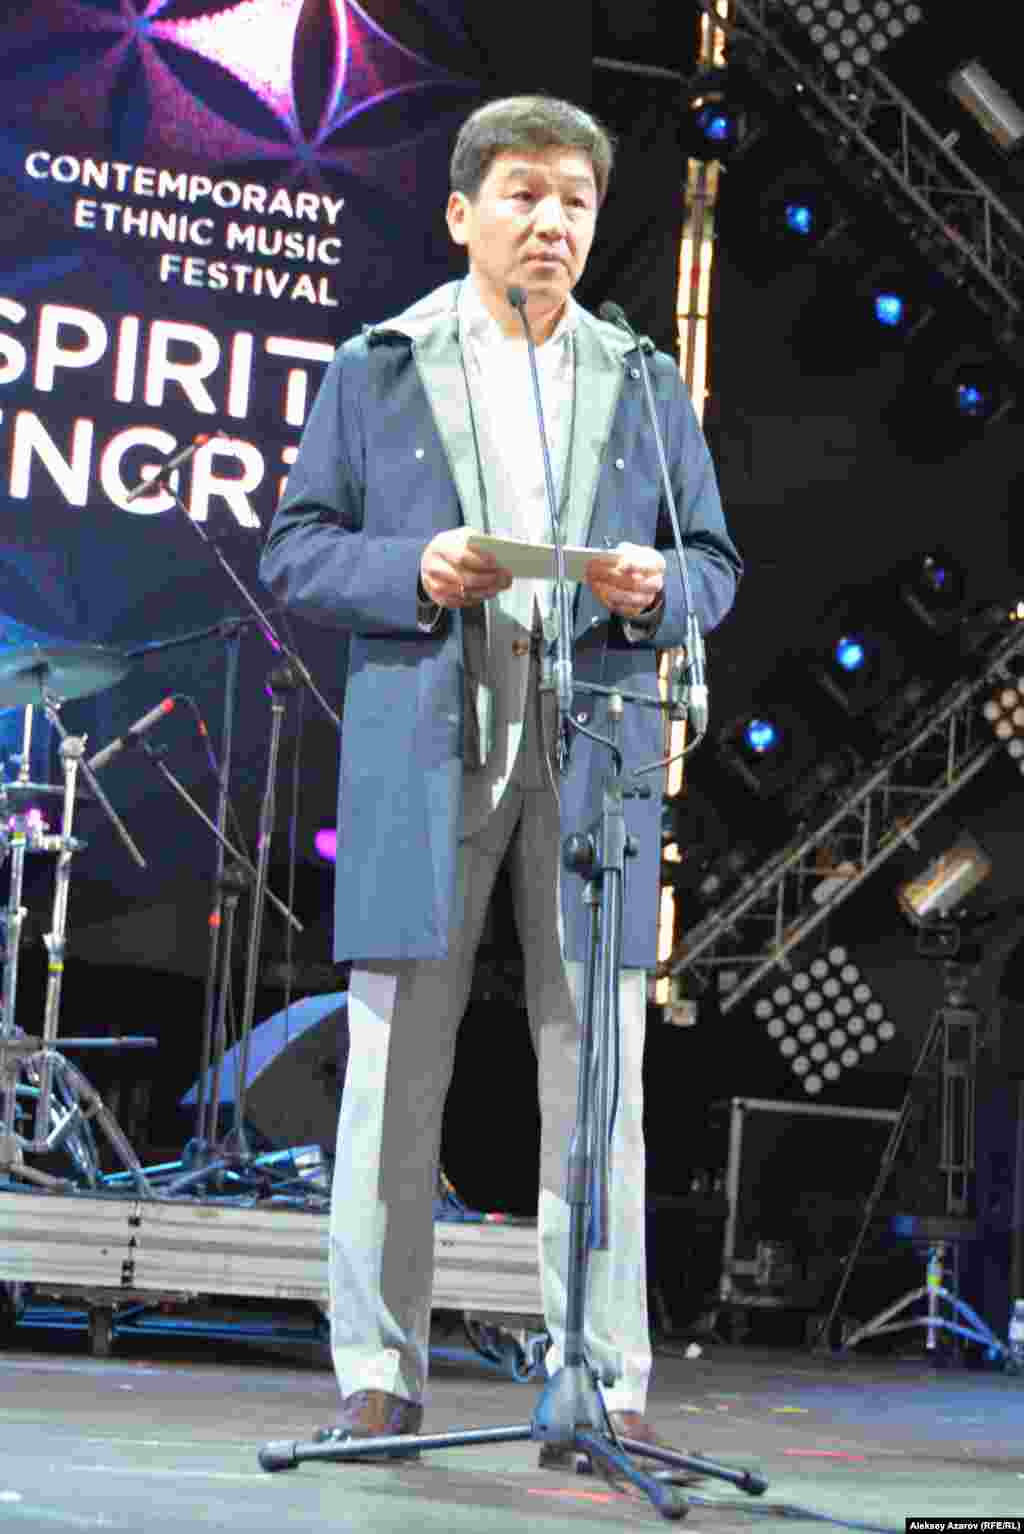 В перерыве между выступлением второго и третьего участника на сцену вышел аким Алматы Бауыржан Байбек и обратился к зрителям с приветственным словом, в котором отметил значимость фестиваля The Spirit of Tengri для Алматы. Алматы, 25 мая 2019 года.